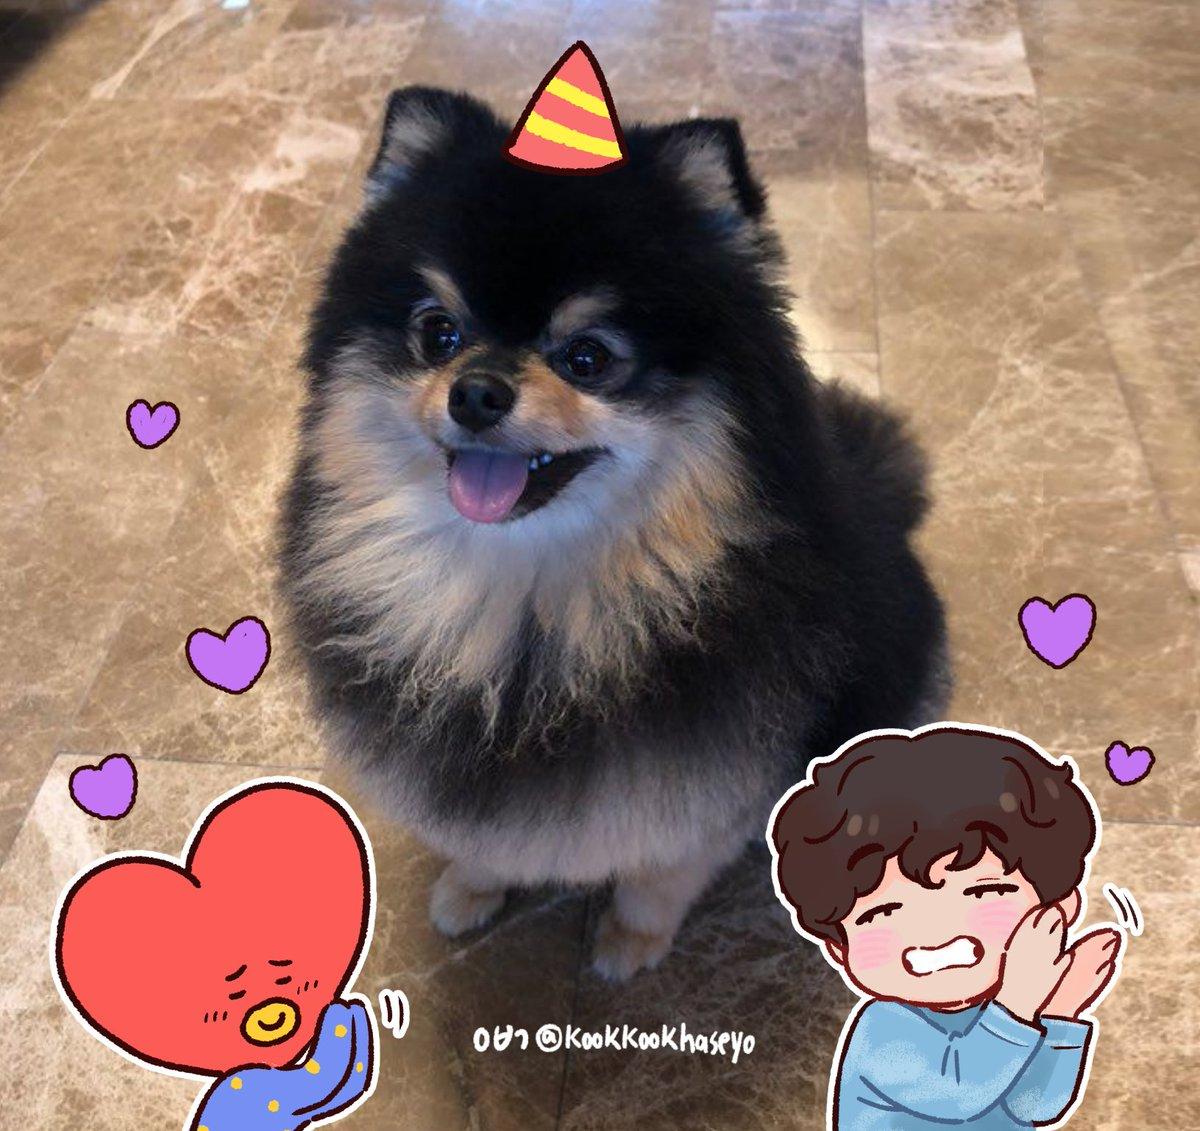 #연탄이는_아미들의_귀염탄 #태형이와_연탄이는_3년째_ing #YeontanSelcaDay #RockstarTannie #3YearsWithYeontan 탄이 생일 축하해용☺️❤️